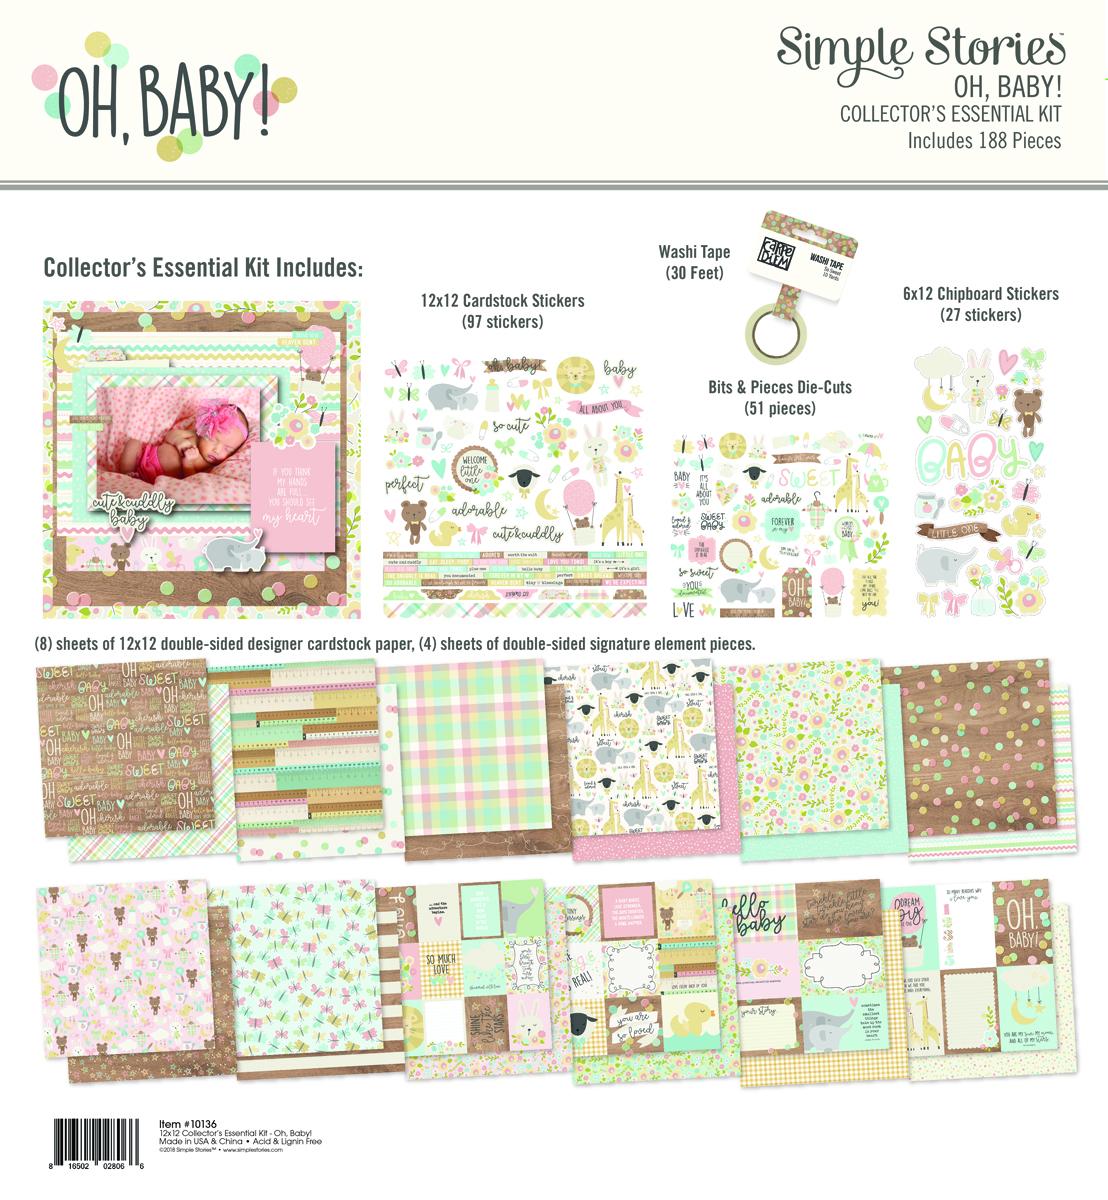 מארז - Oh, Baby! Collector's Essential Kit